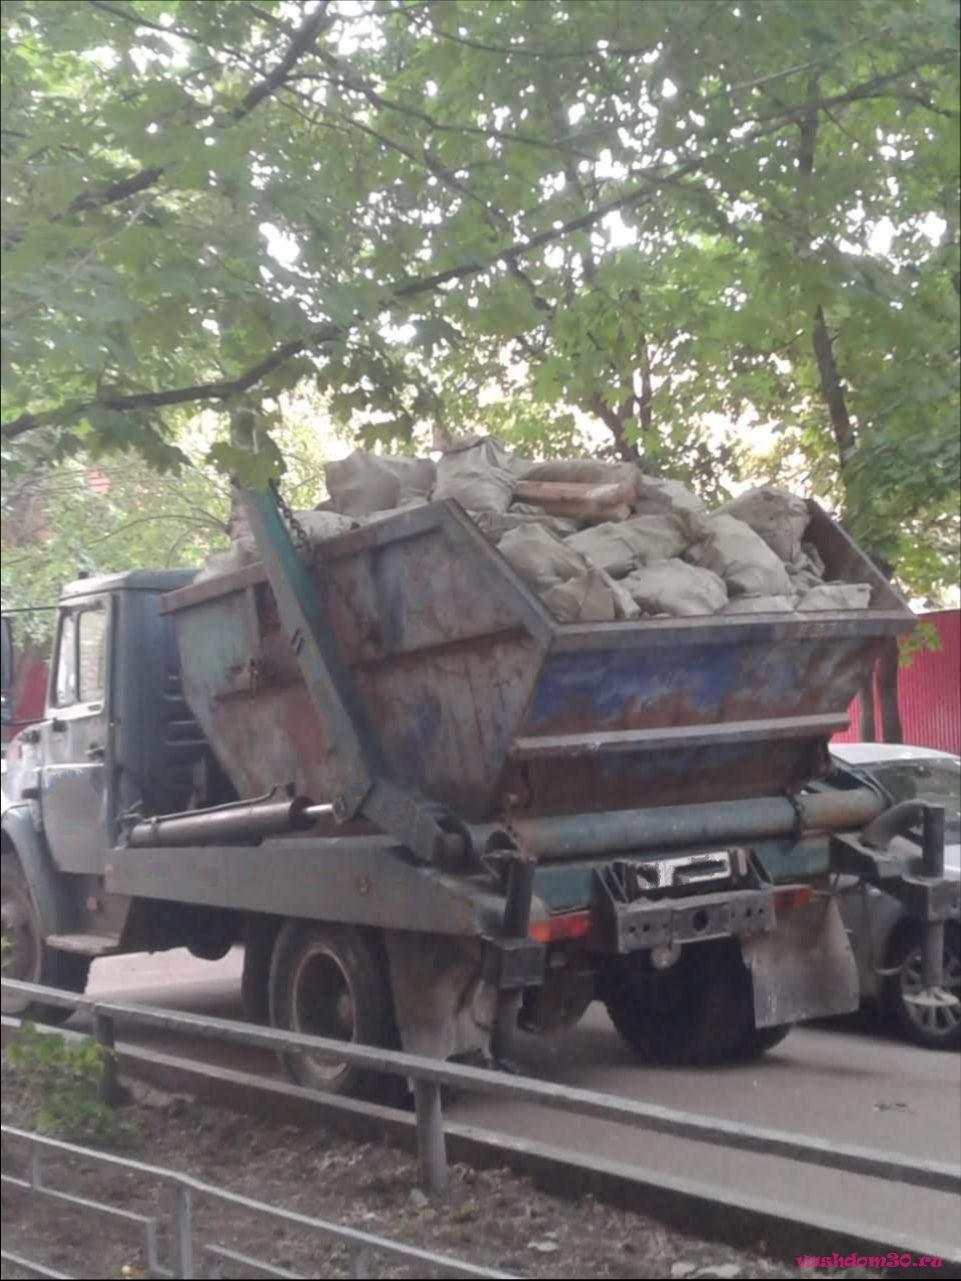 Вывоз строительного мусора одинцовофото653